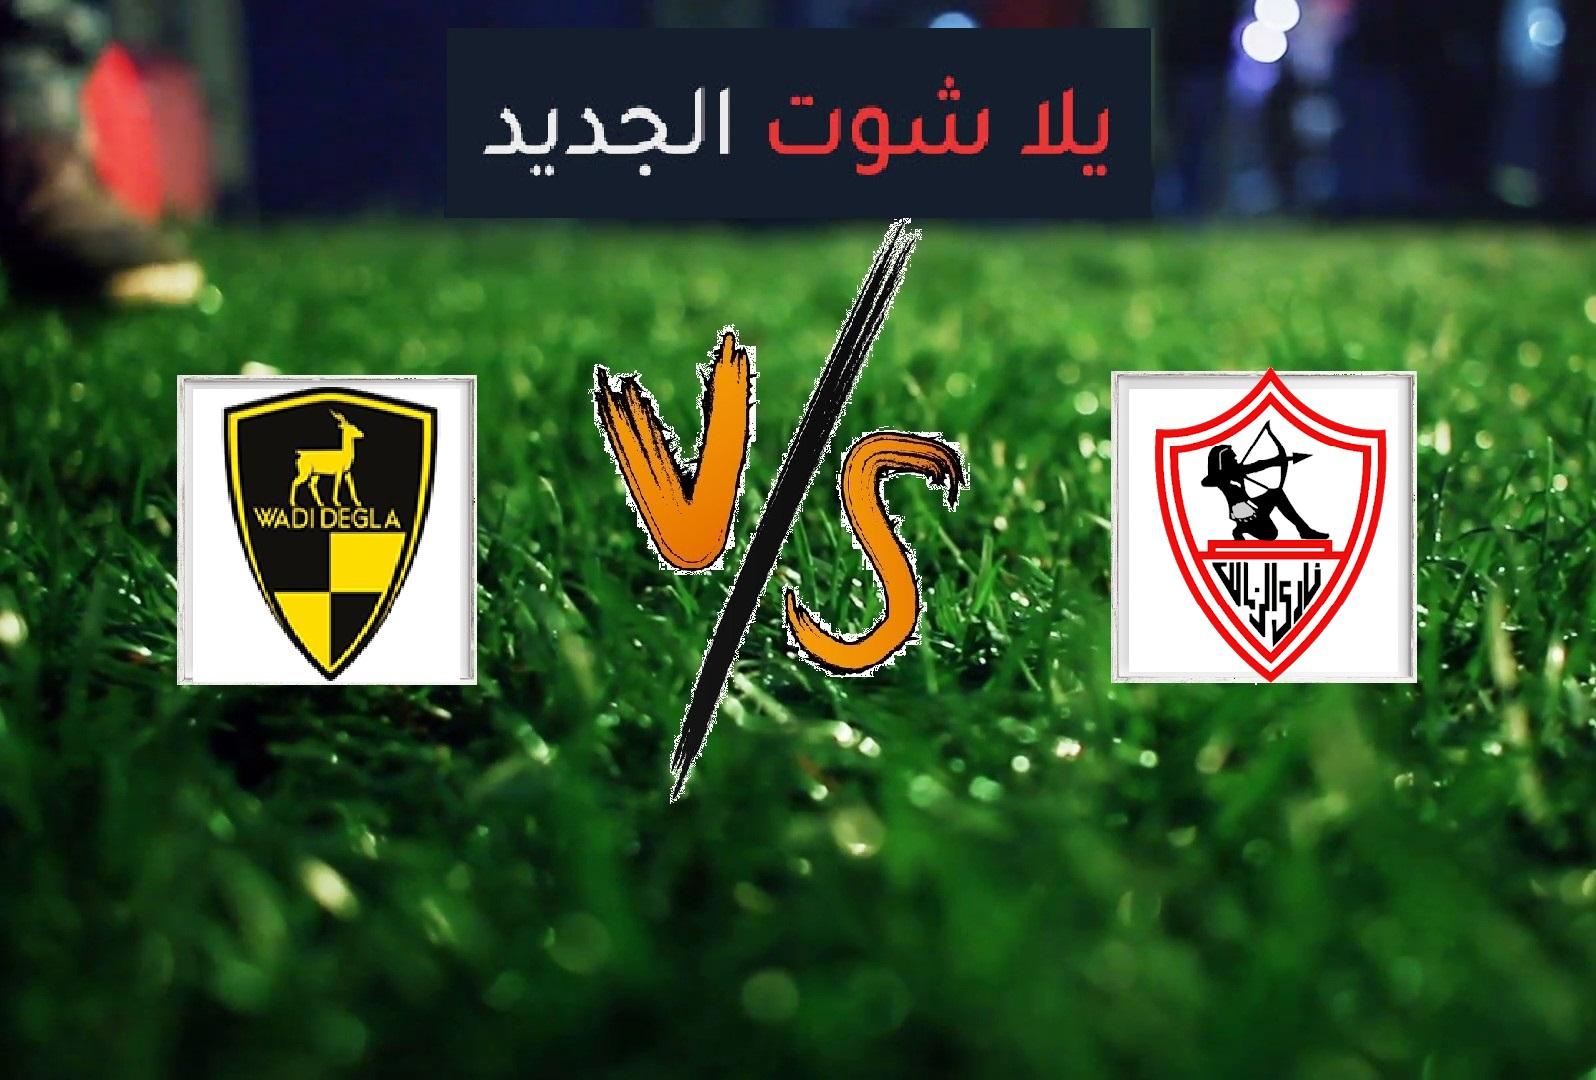 ملخص مباراة الزمالك ووادي دجلة اليوم الخميس بتاريخ 09-05-2019 الدوري المصري